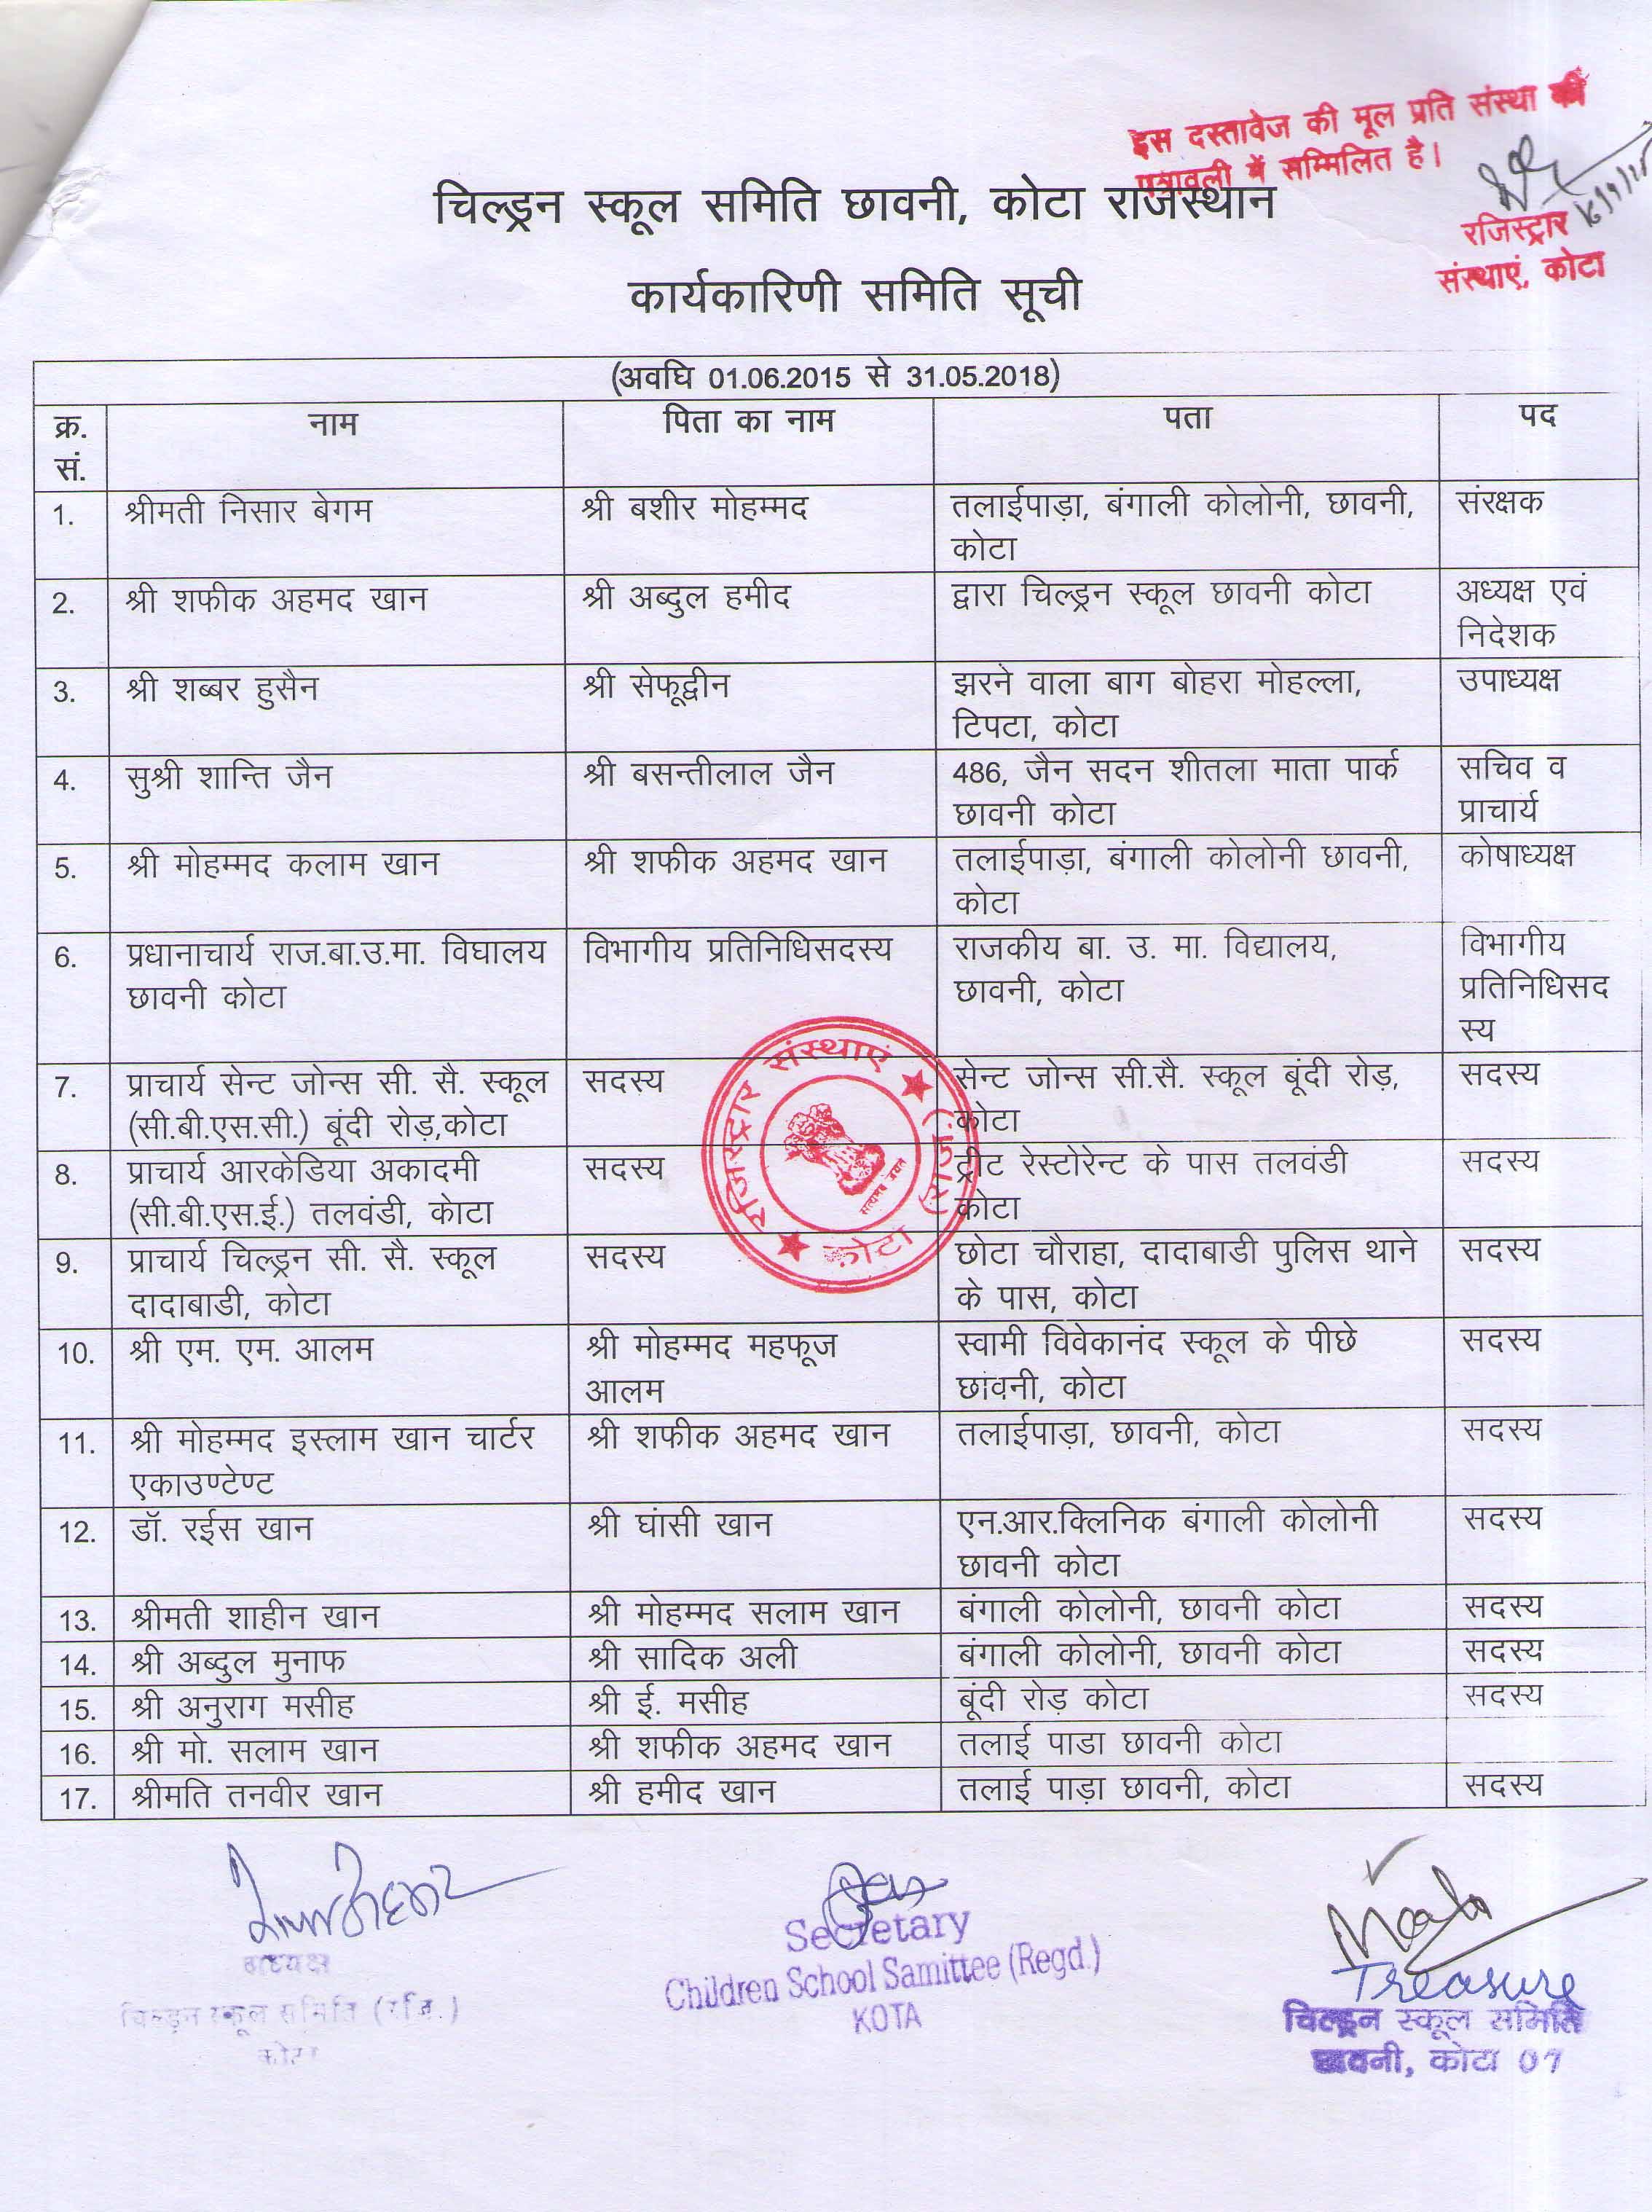 Children School Samittee (Executive Committee)